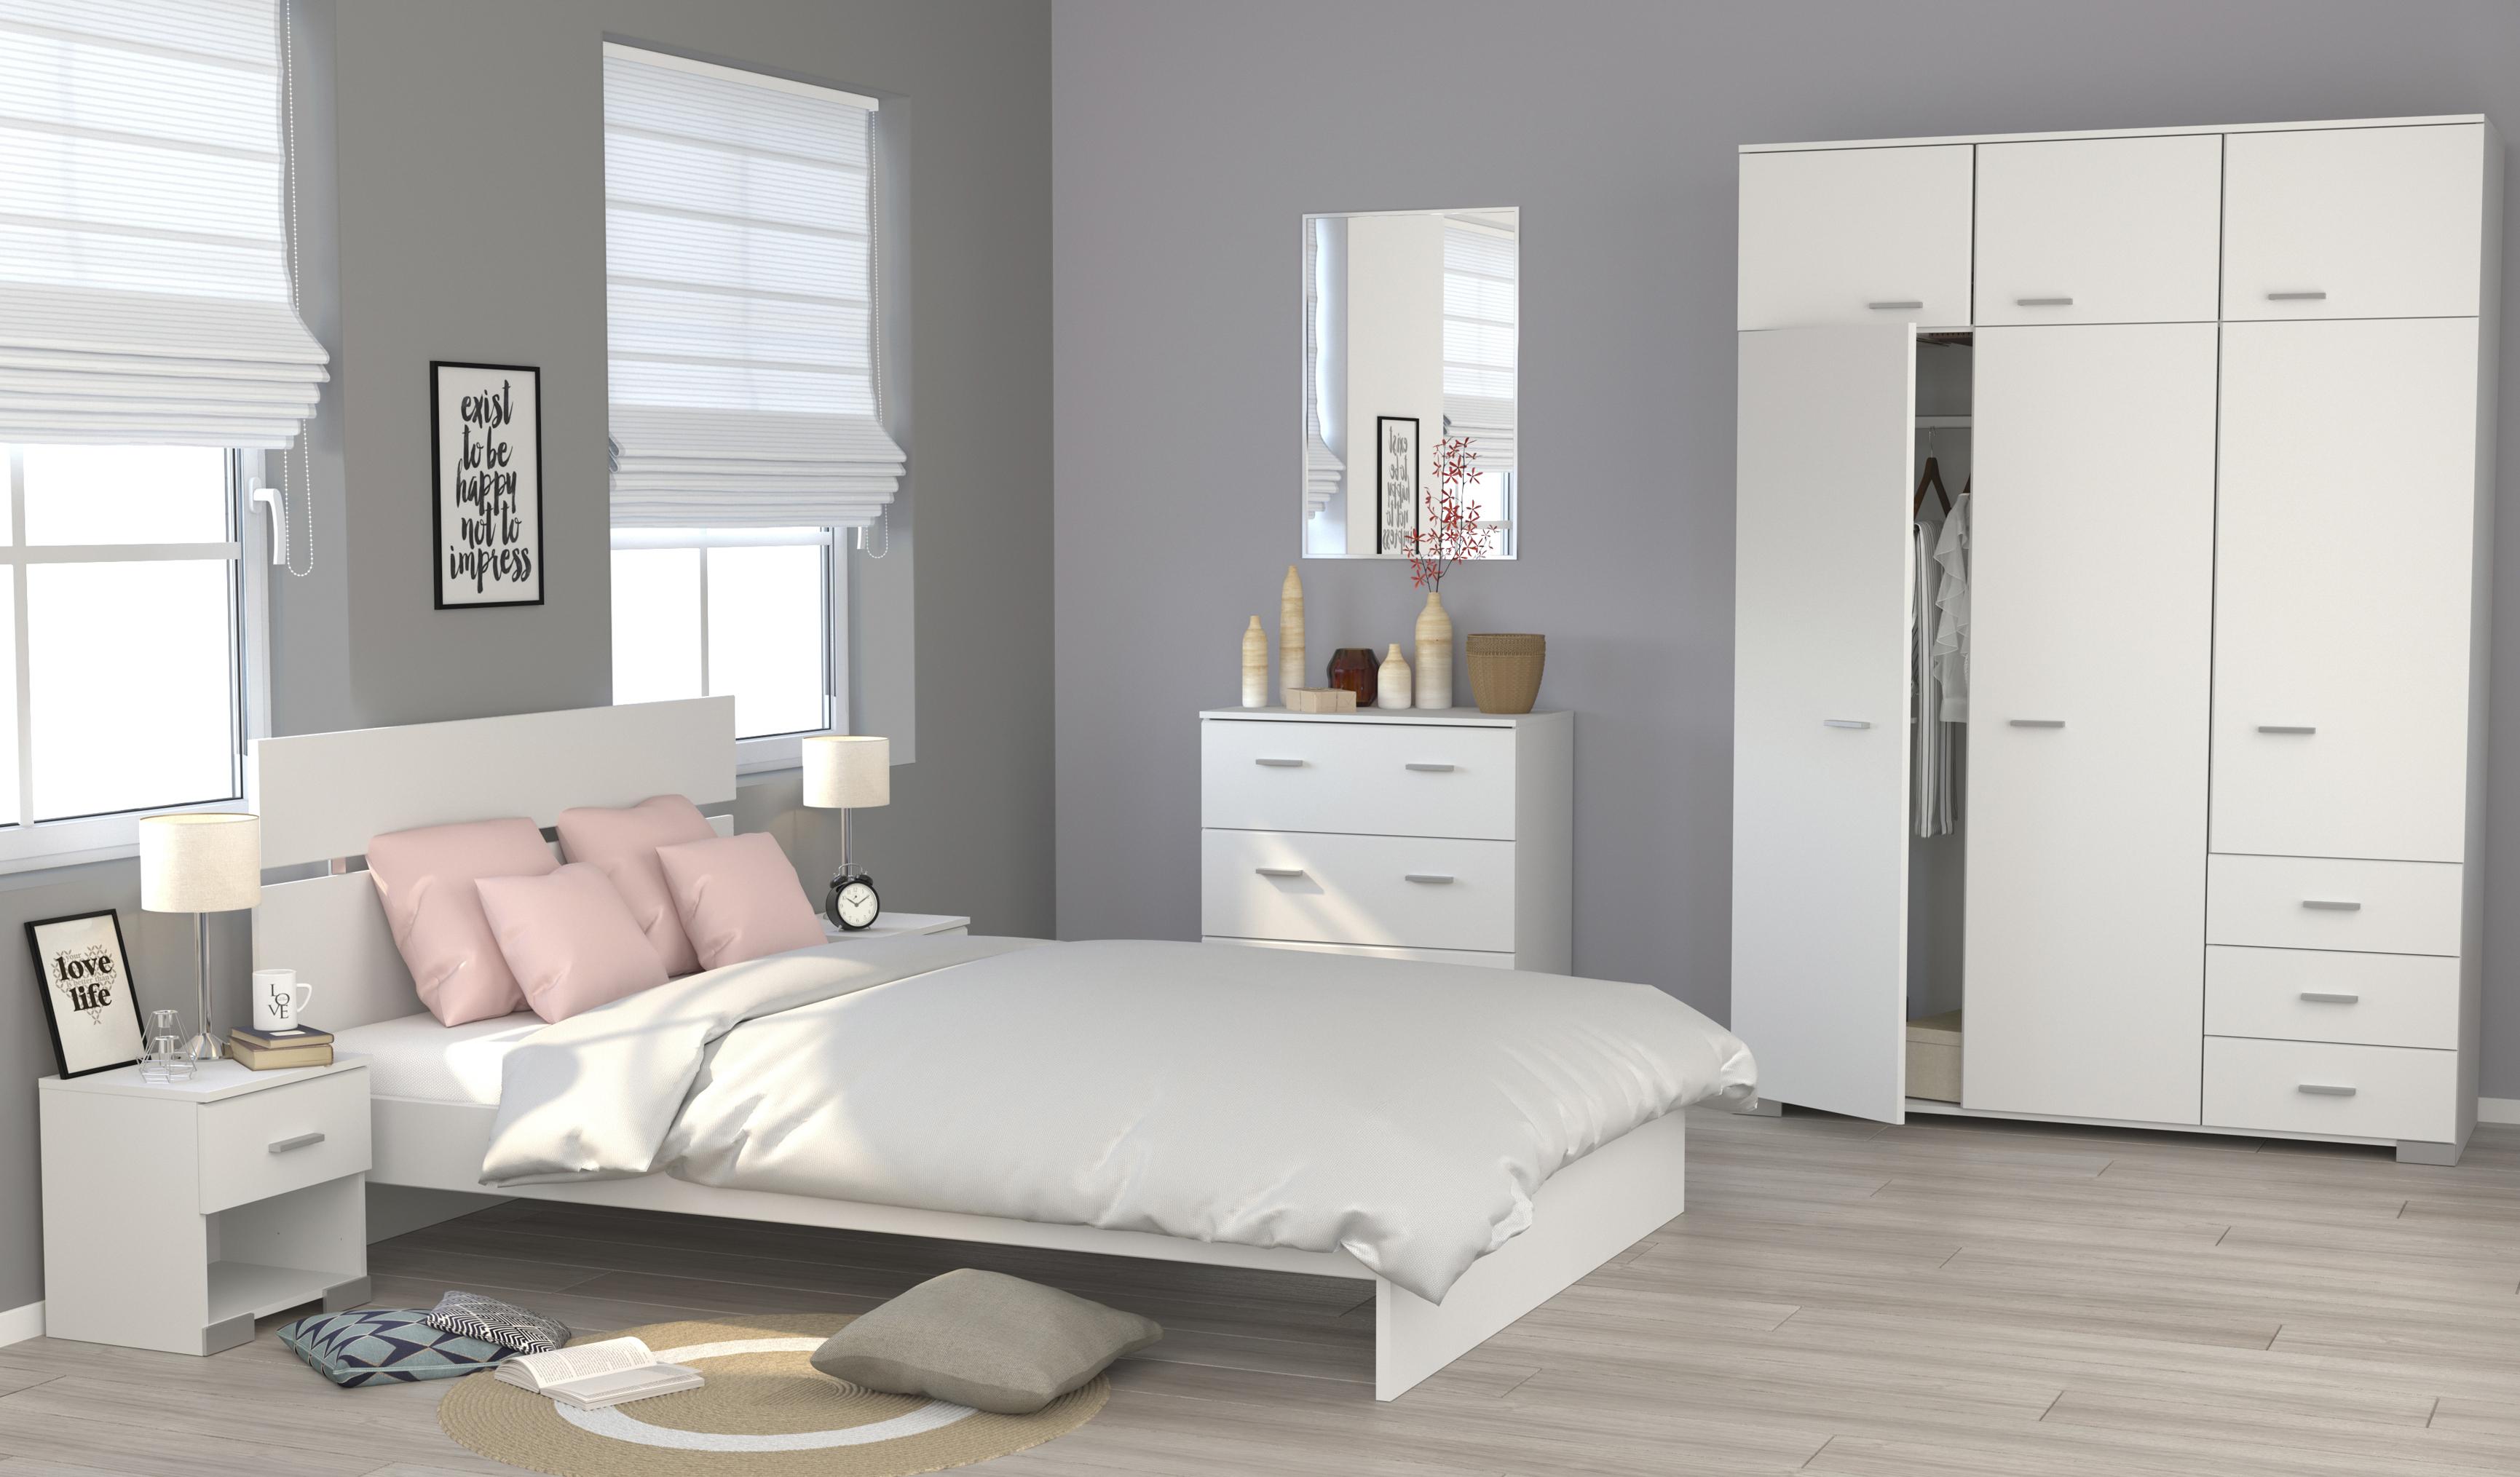 Schlafzimmerset 5-tlg inkl 140x200 Bett u Kleiderschrank Galaxy 121 von  Parisot Weiss